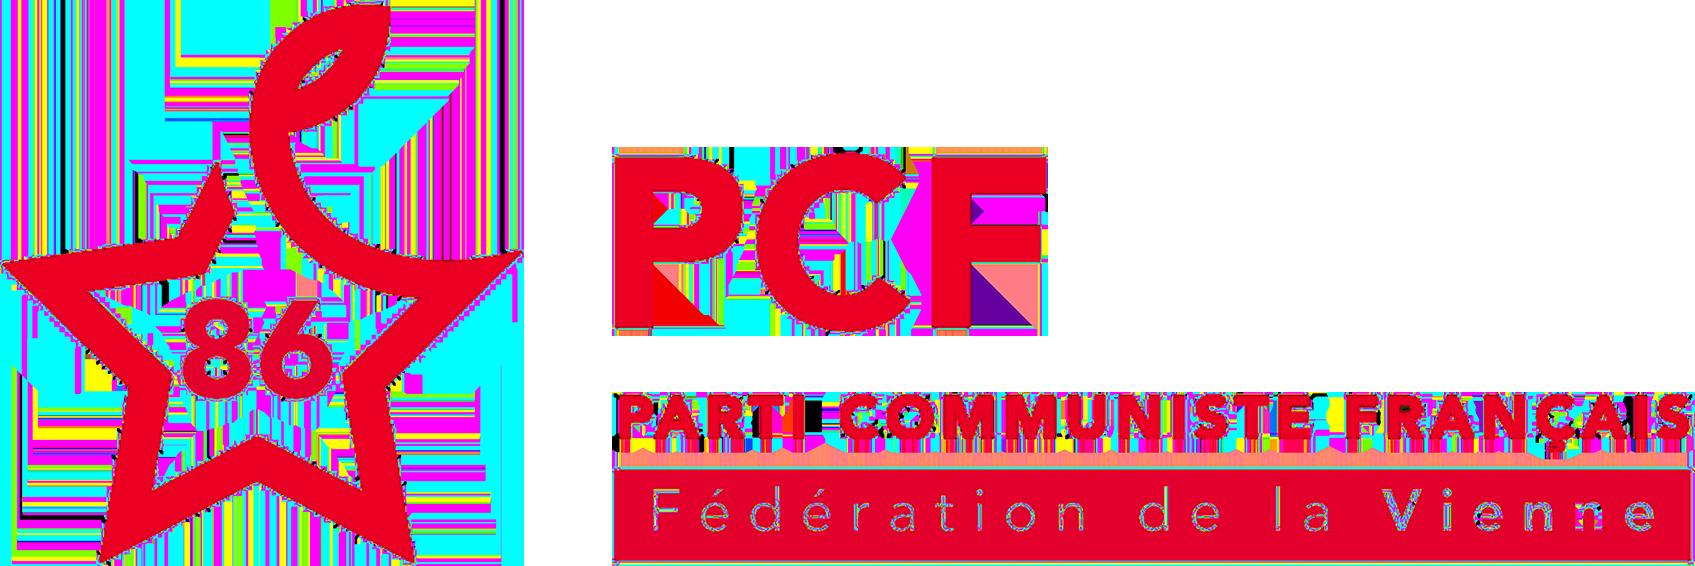 PCF 86